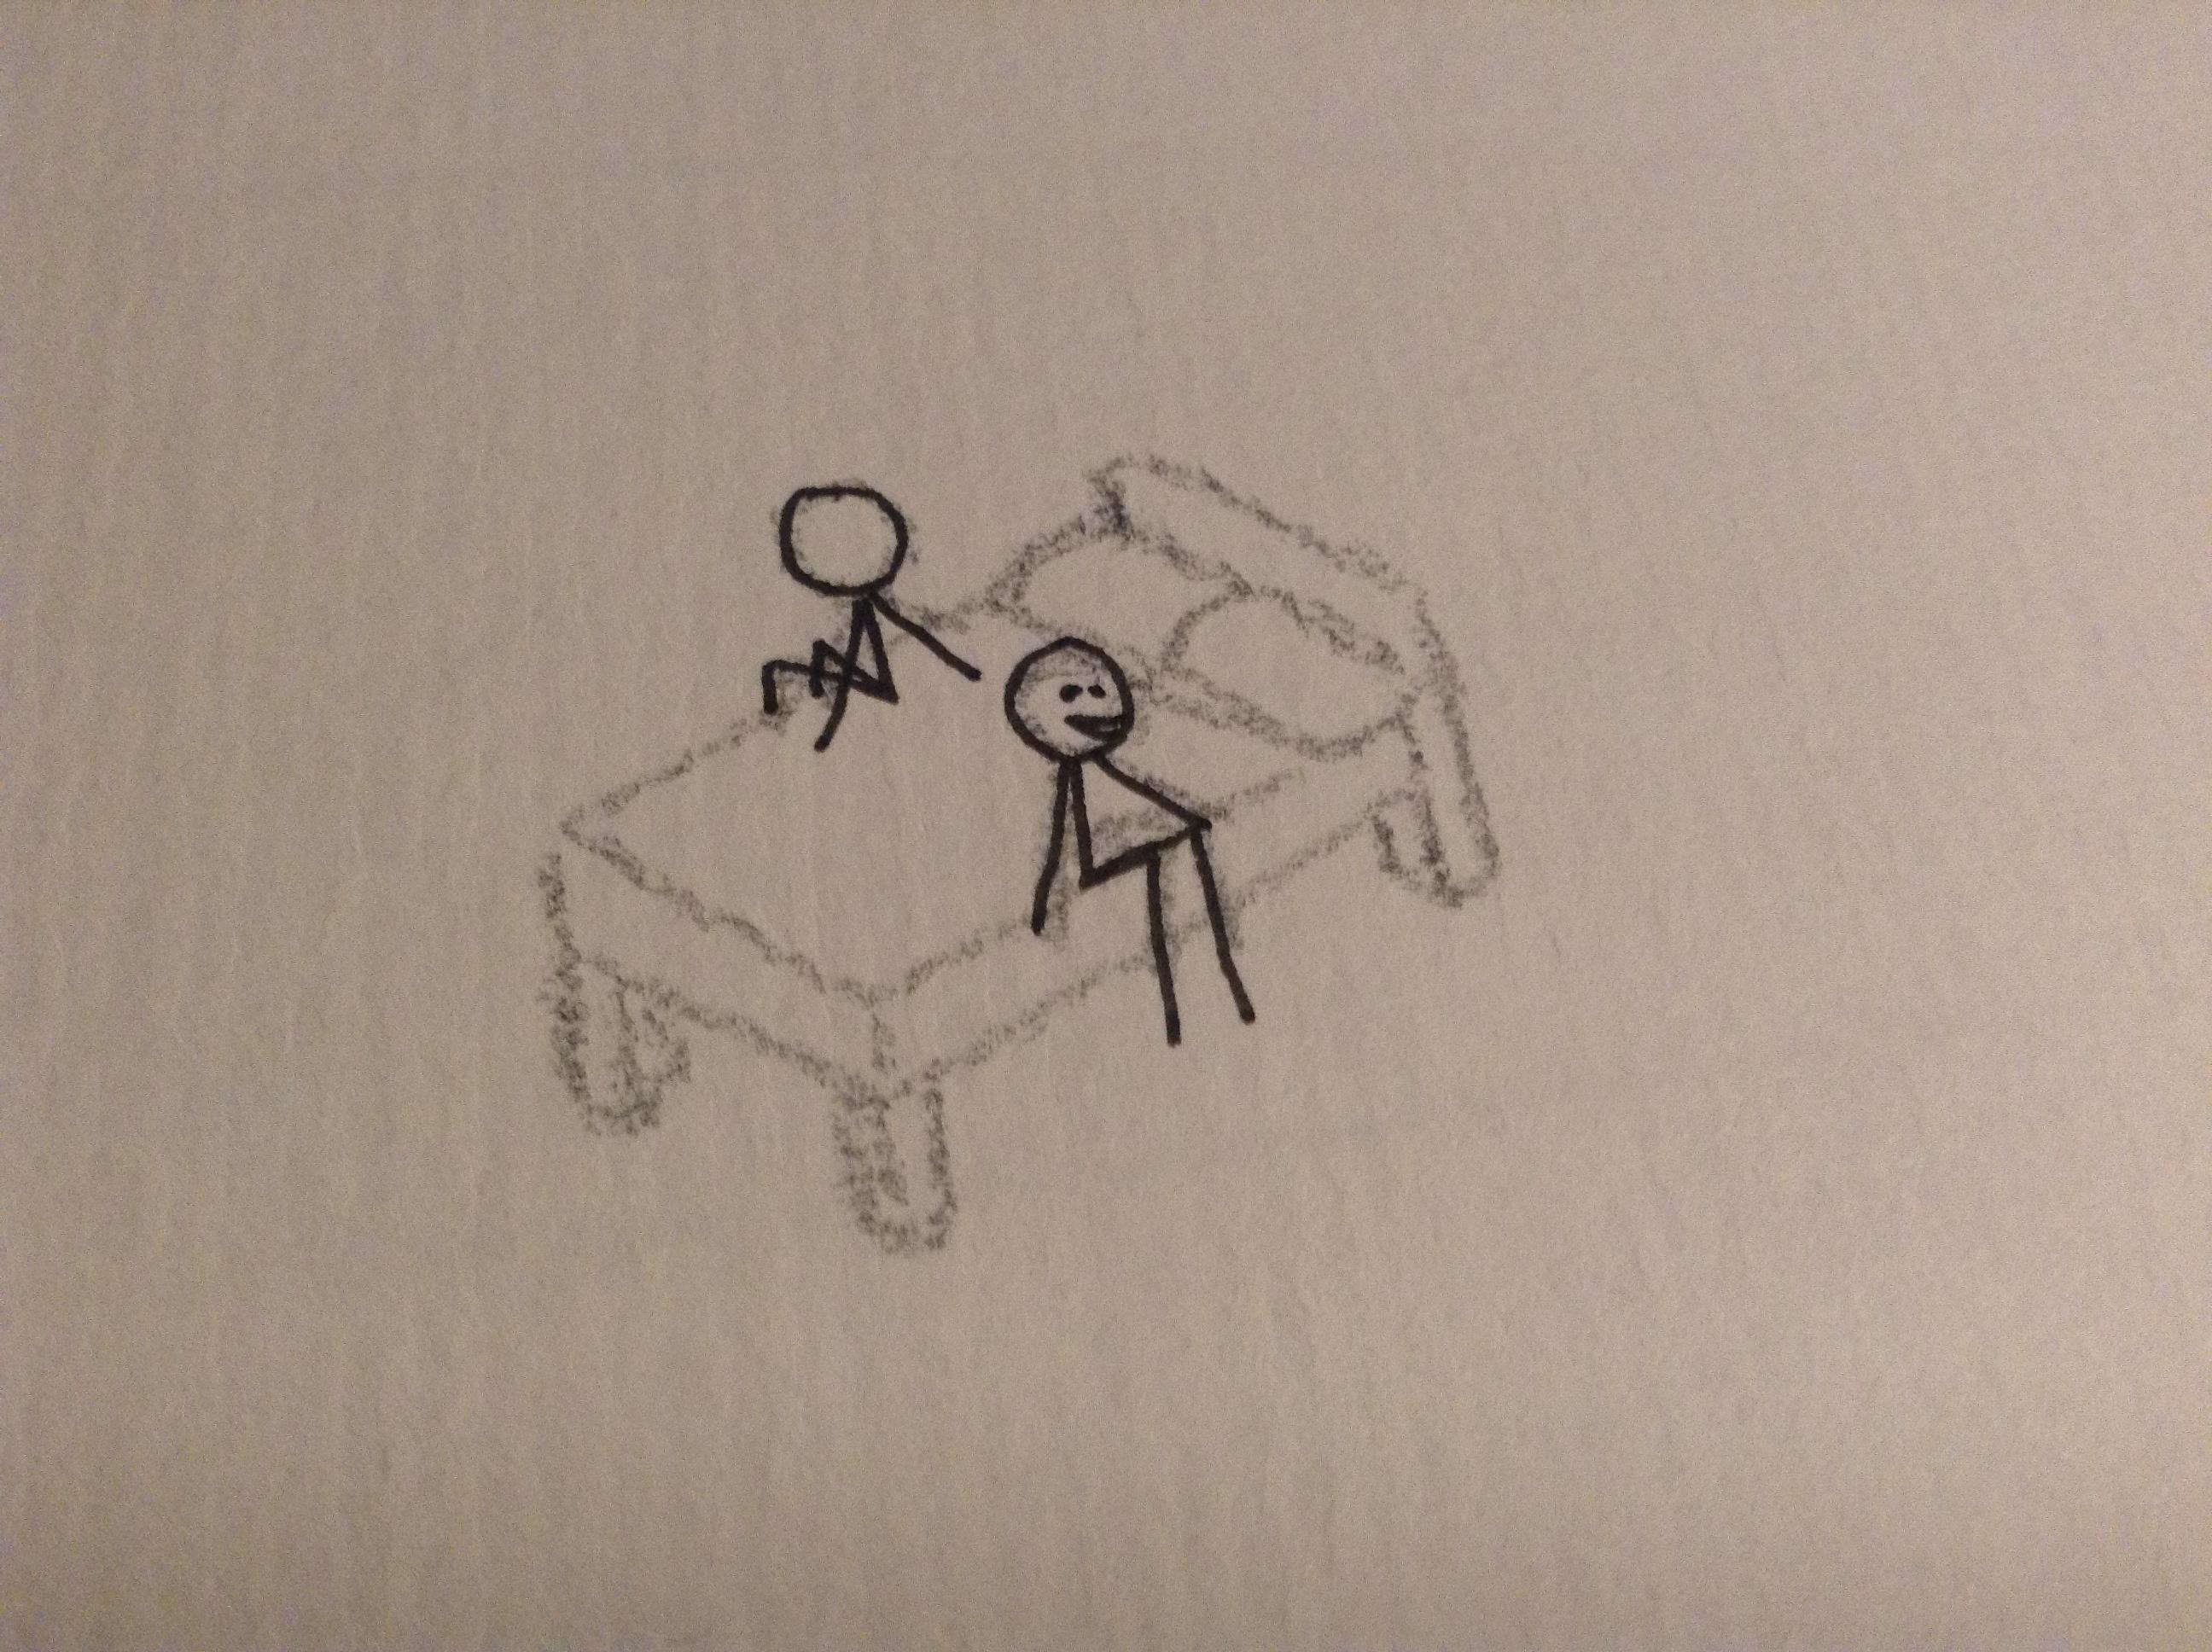 En als laatste ook terwijl ze allebei op een bed zaten met de ruggen